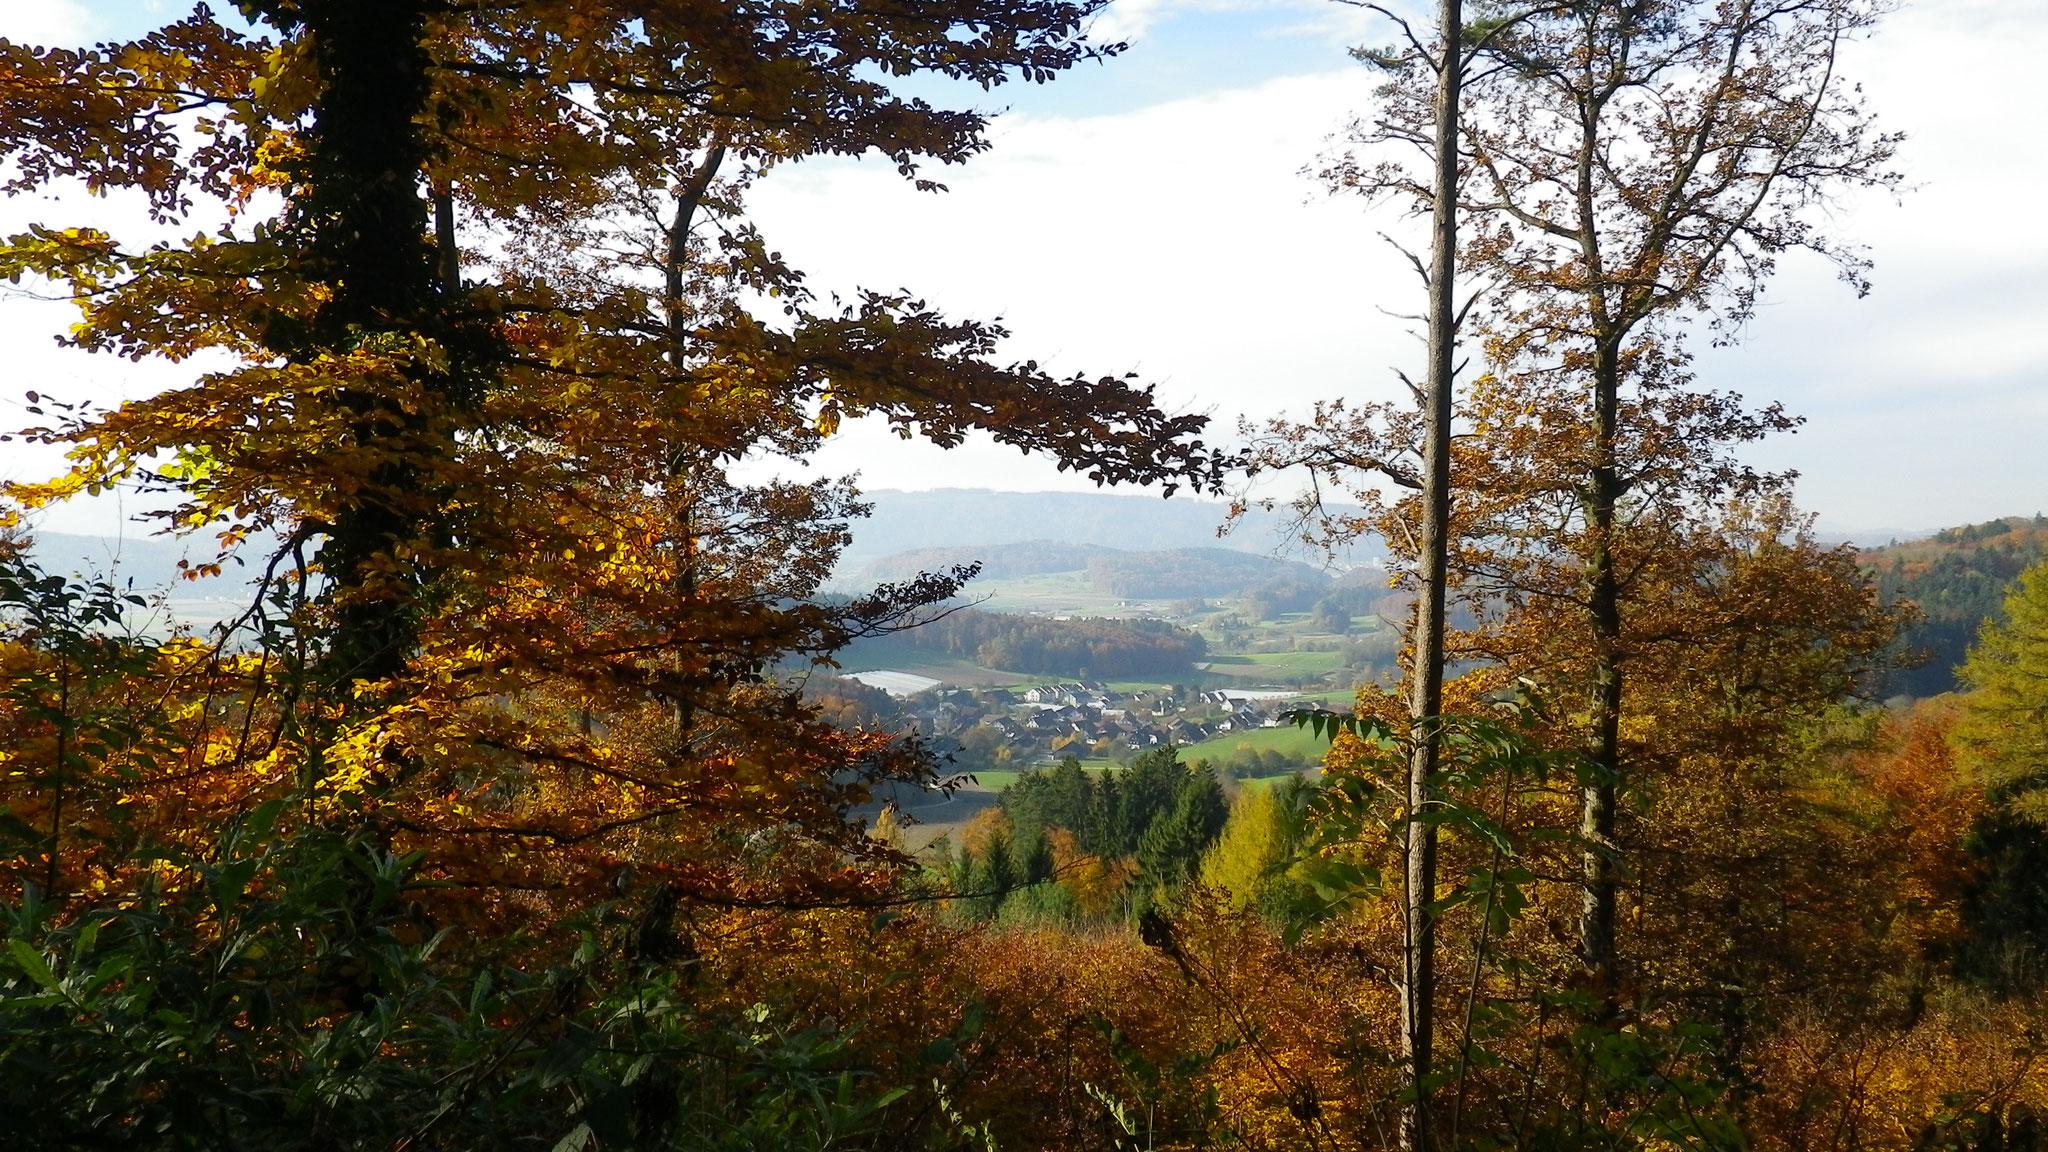 31.10.2010::Boppelsen, Sicht vom Cholholz